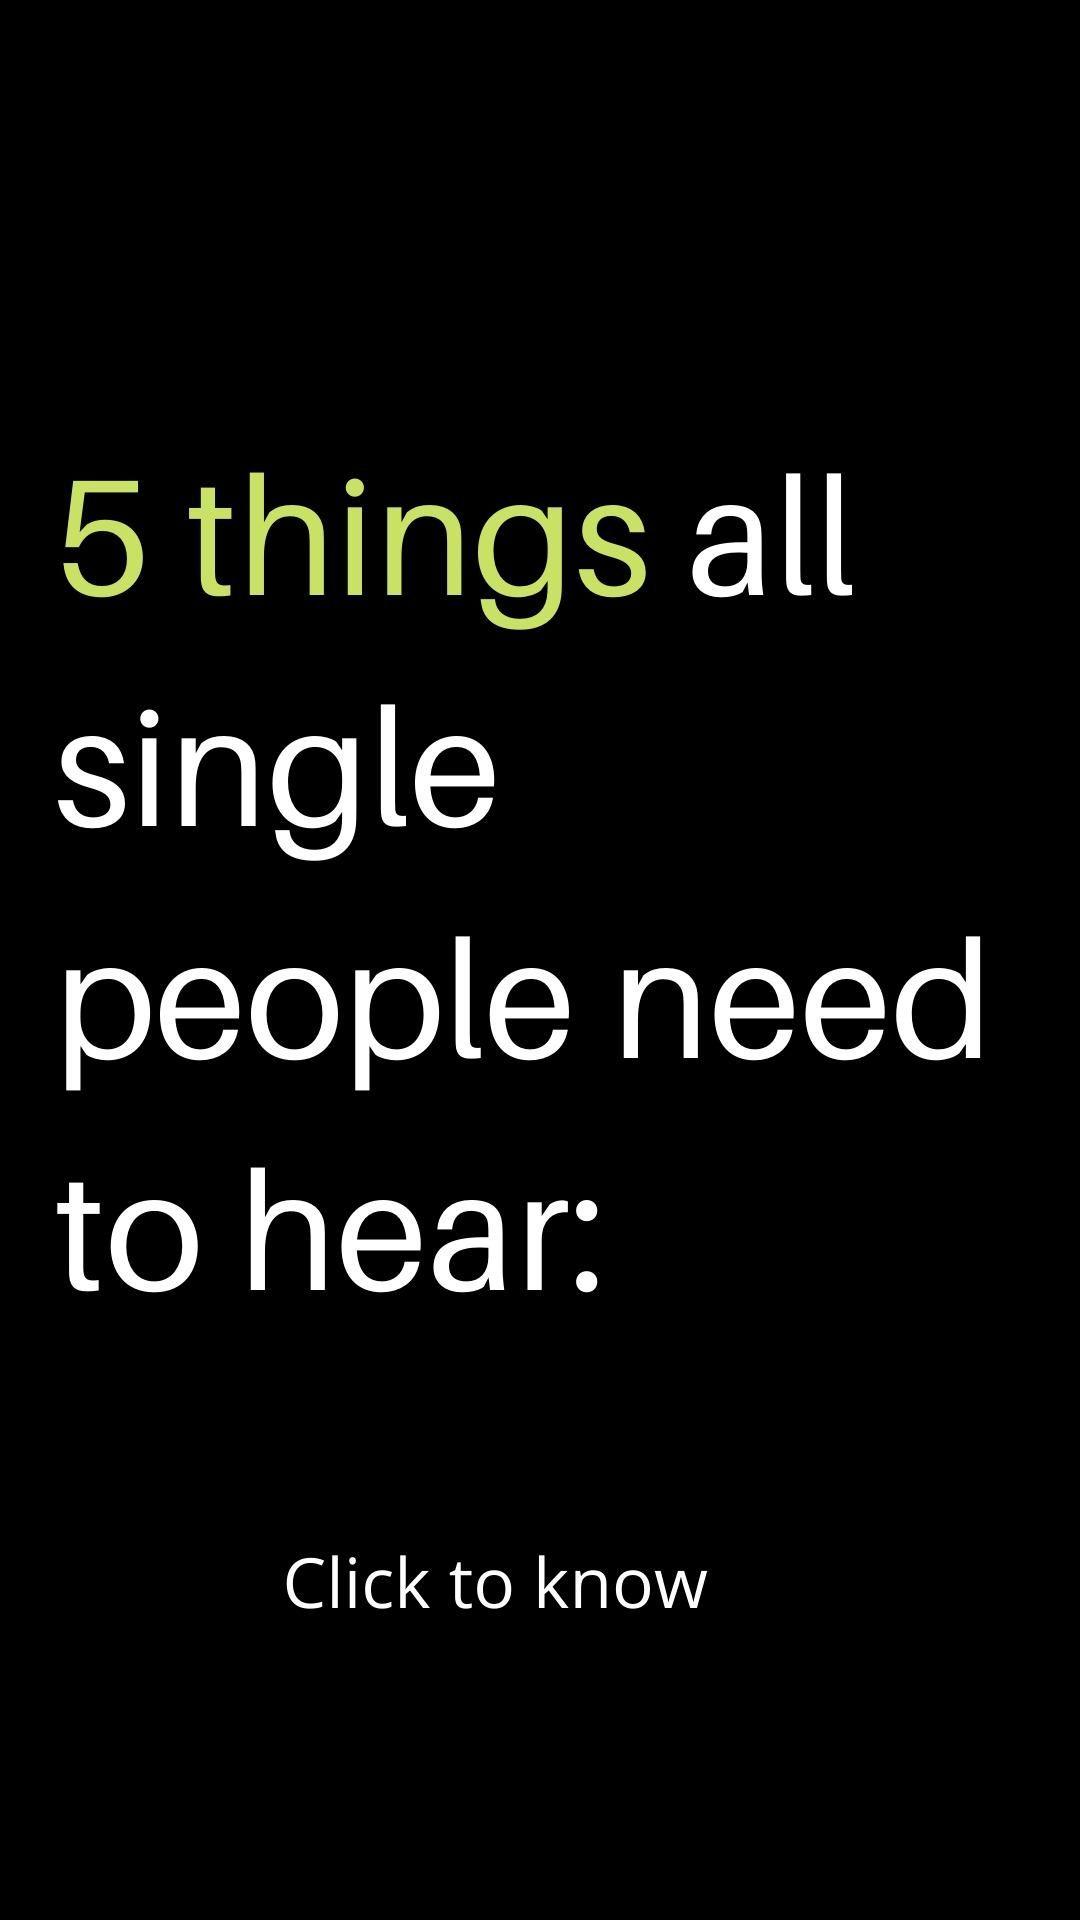 SINGLE PEOPLE